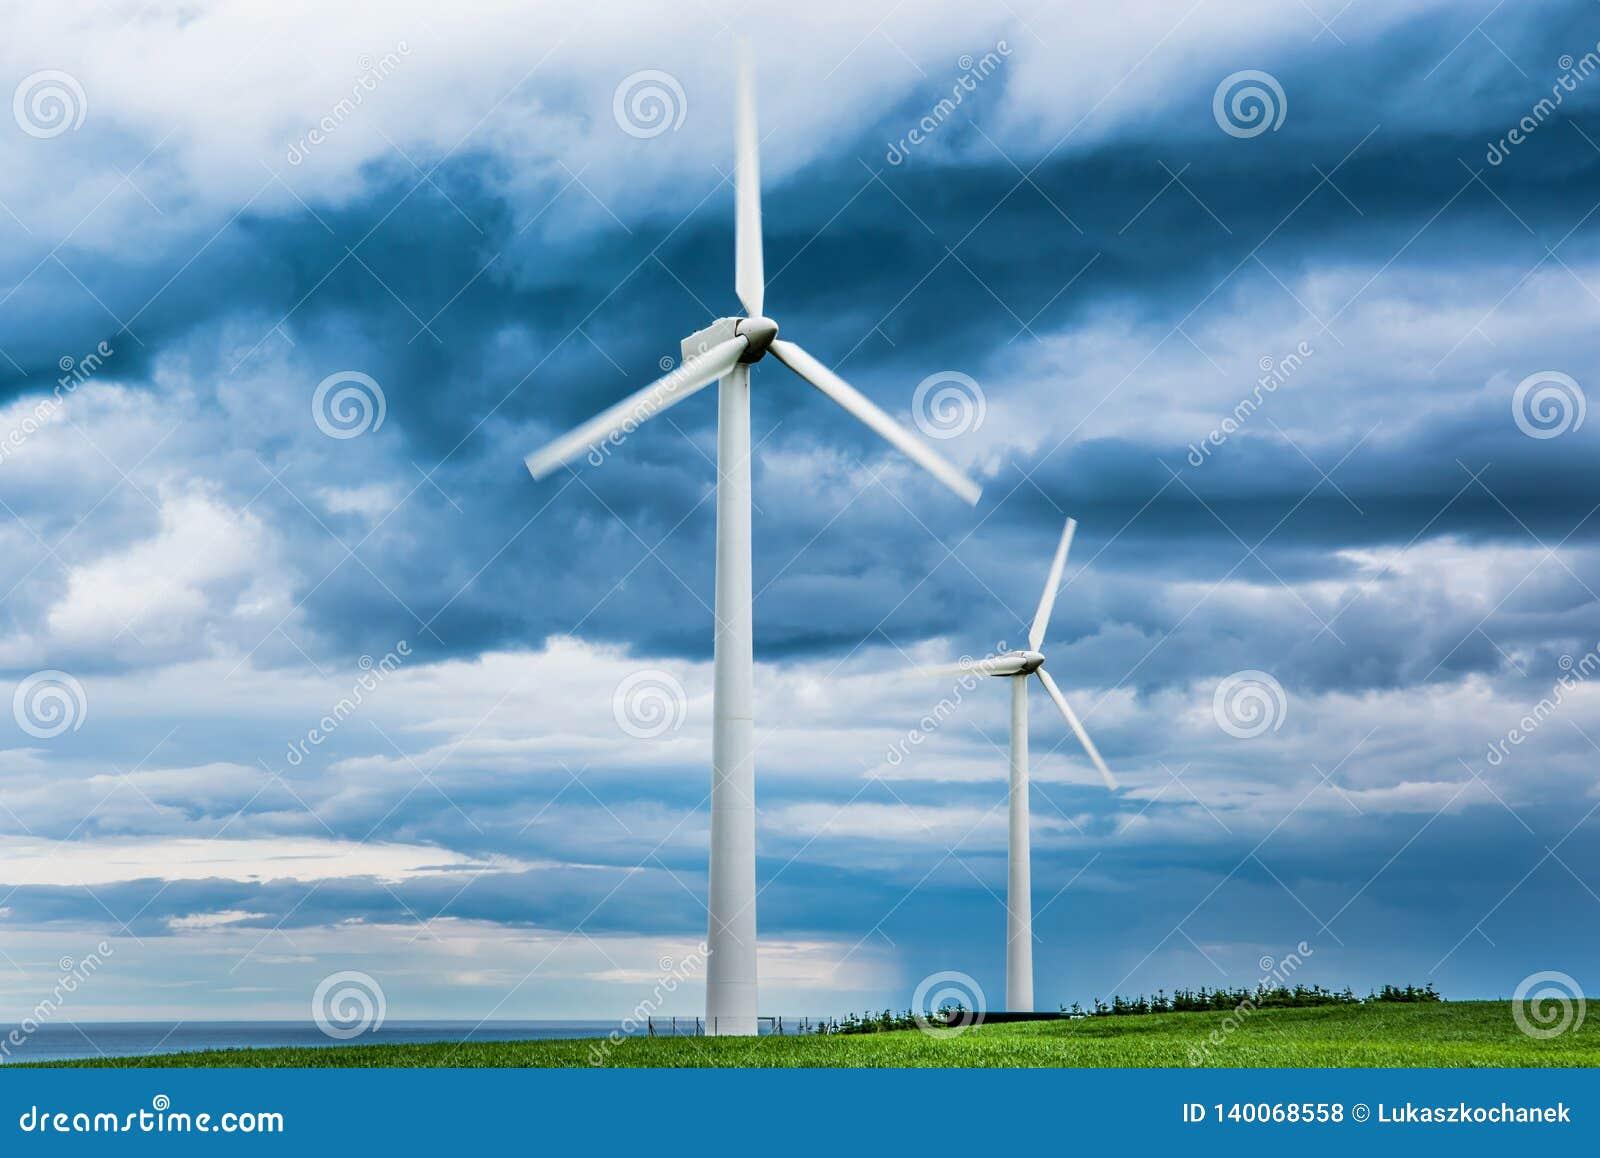 Windlandbouwbedrijven in Schotland - de windturbines verstrekken elektriciteits groene energie voor huishoudens in het UK